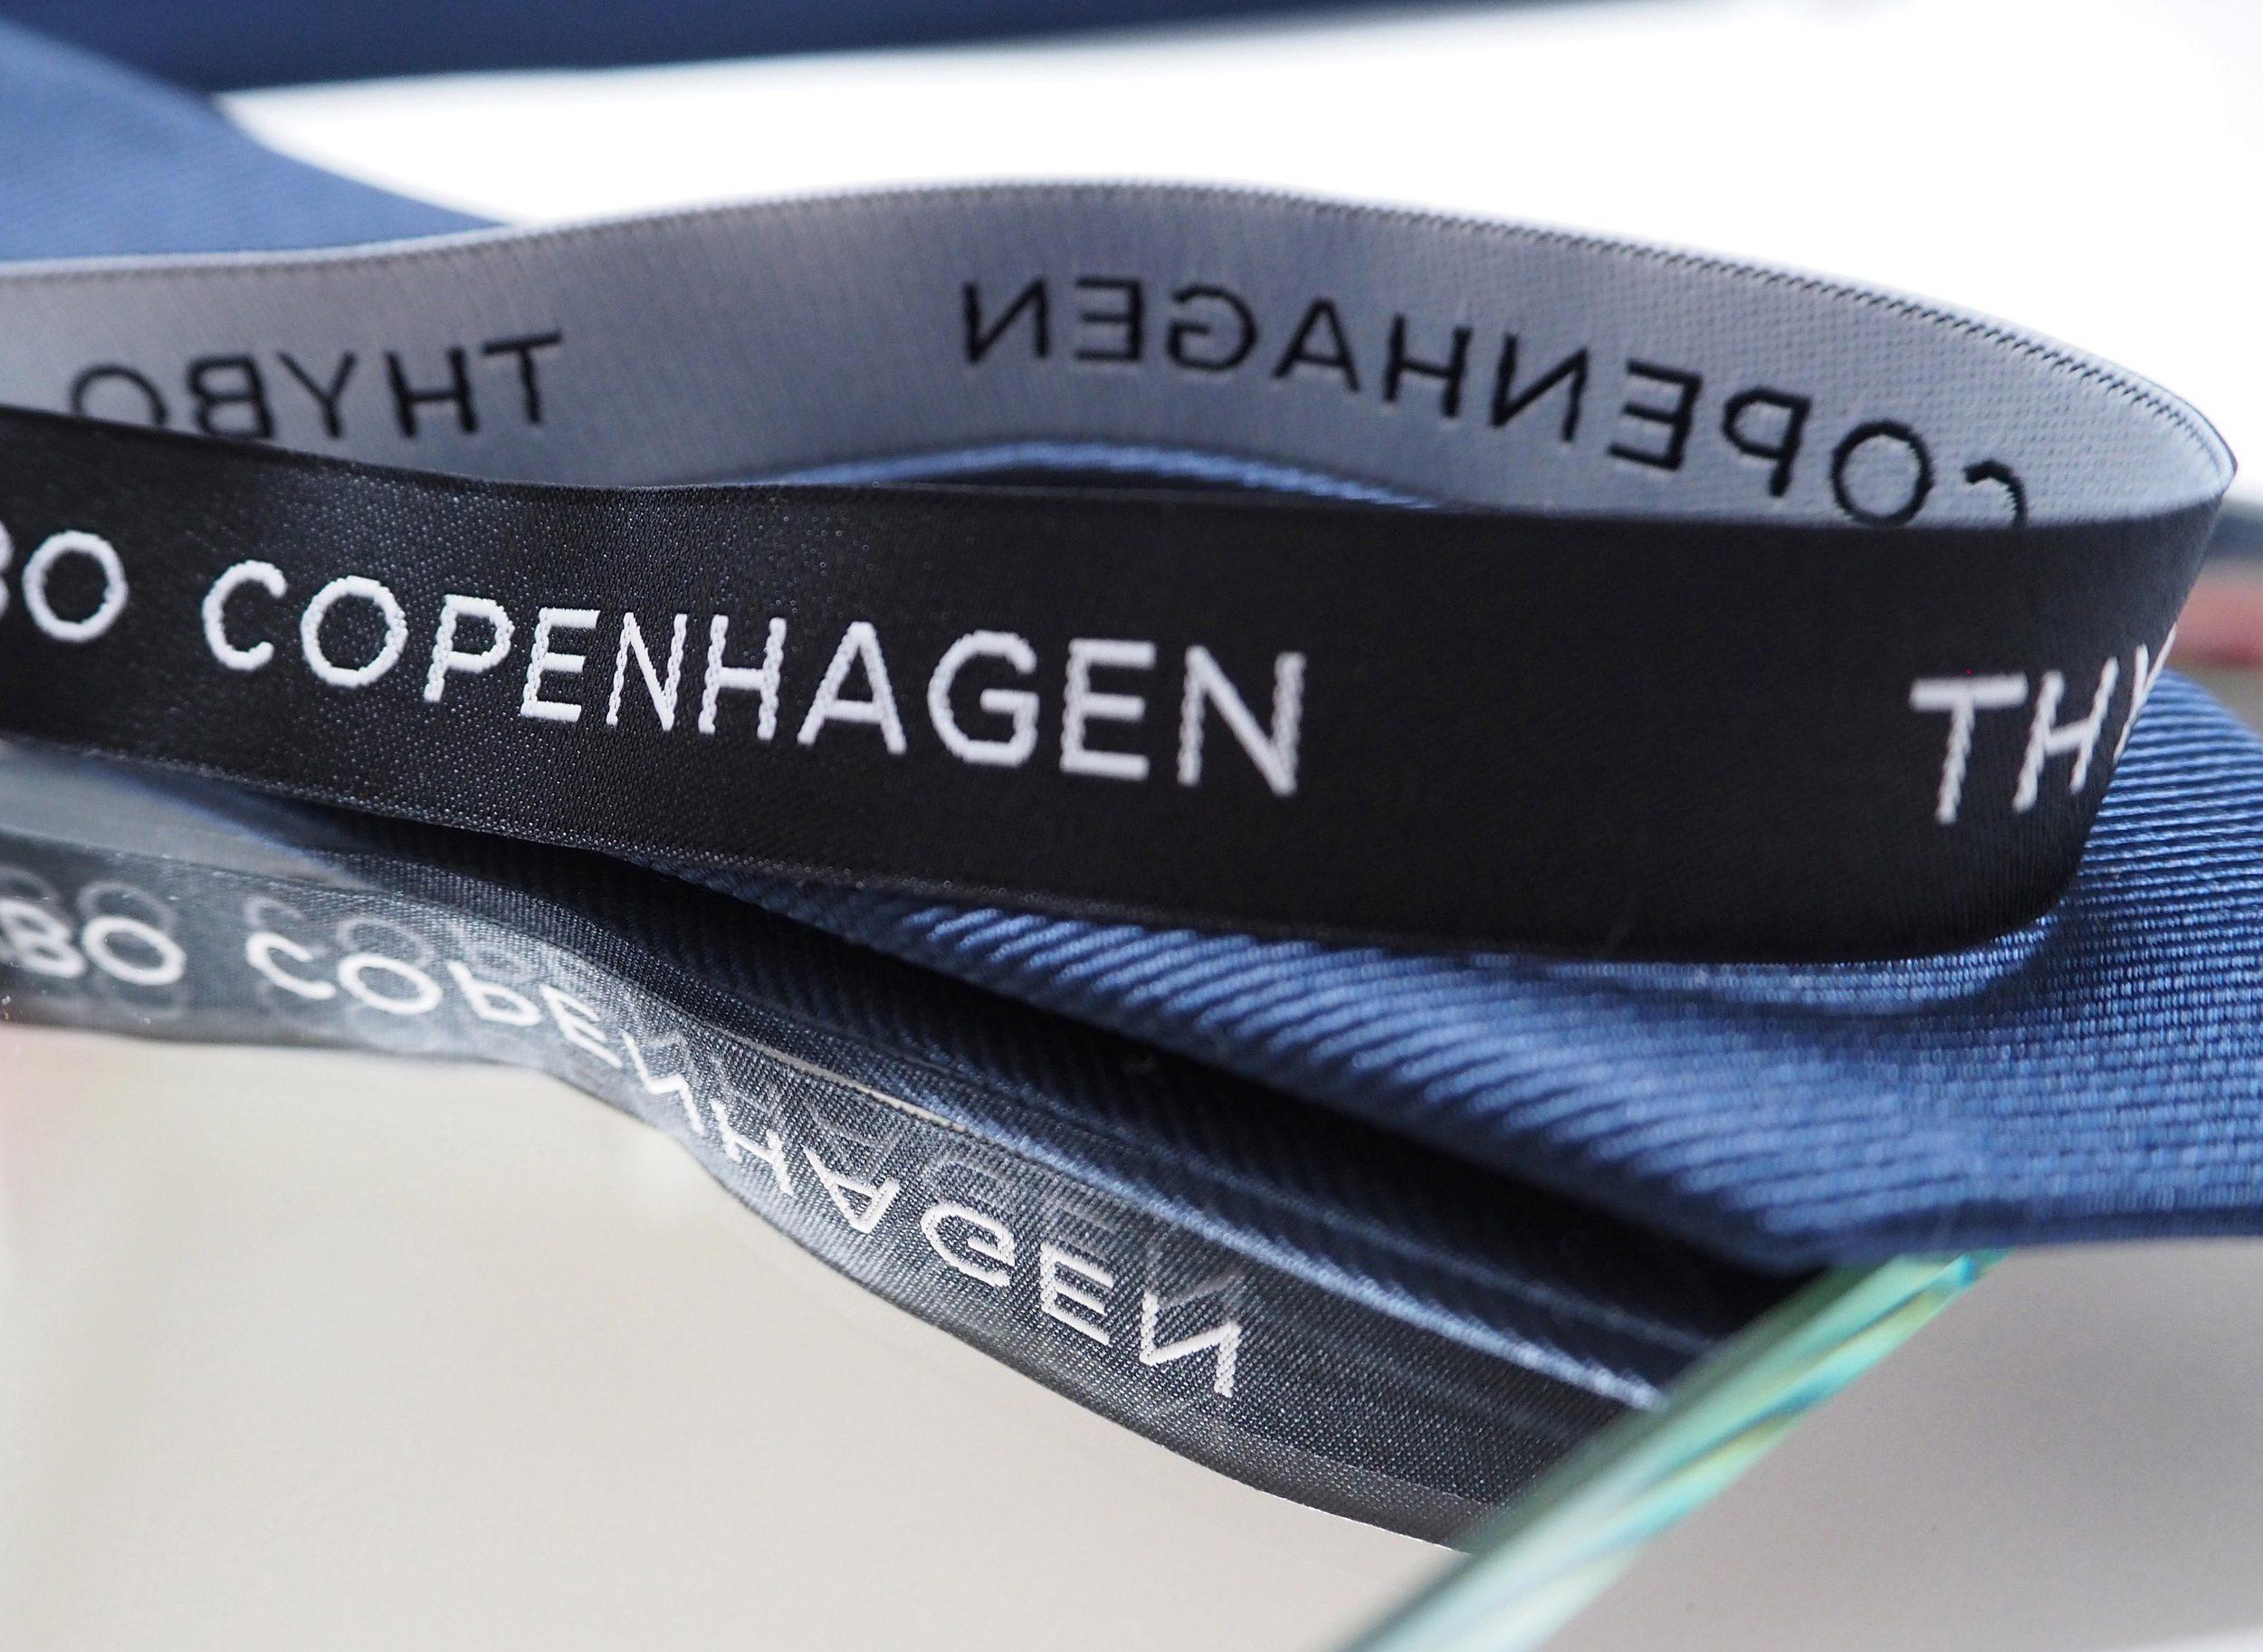 Bånd-og-slips.jpg